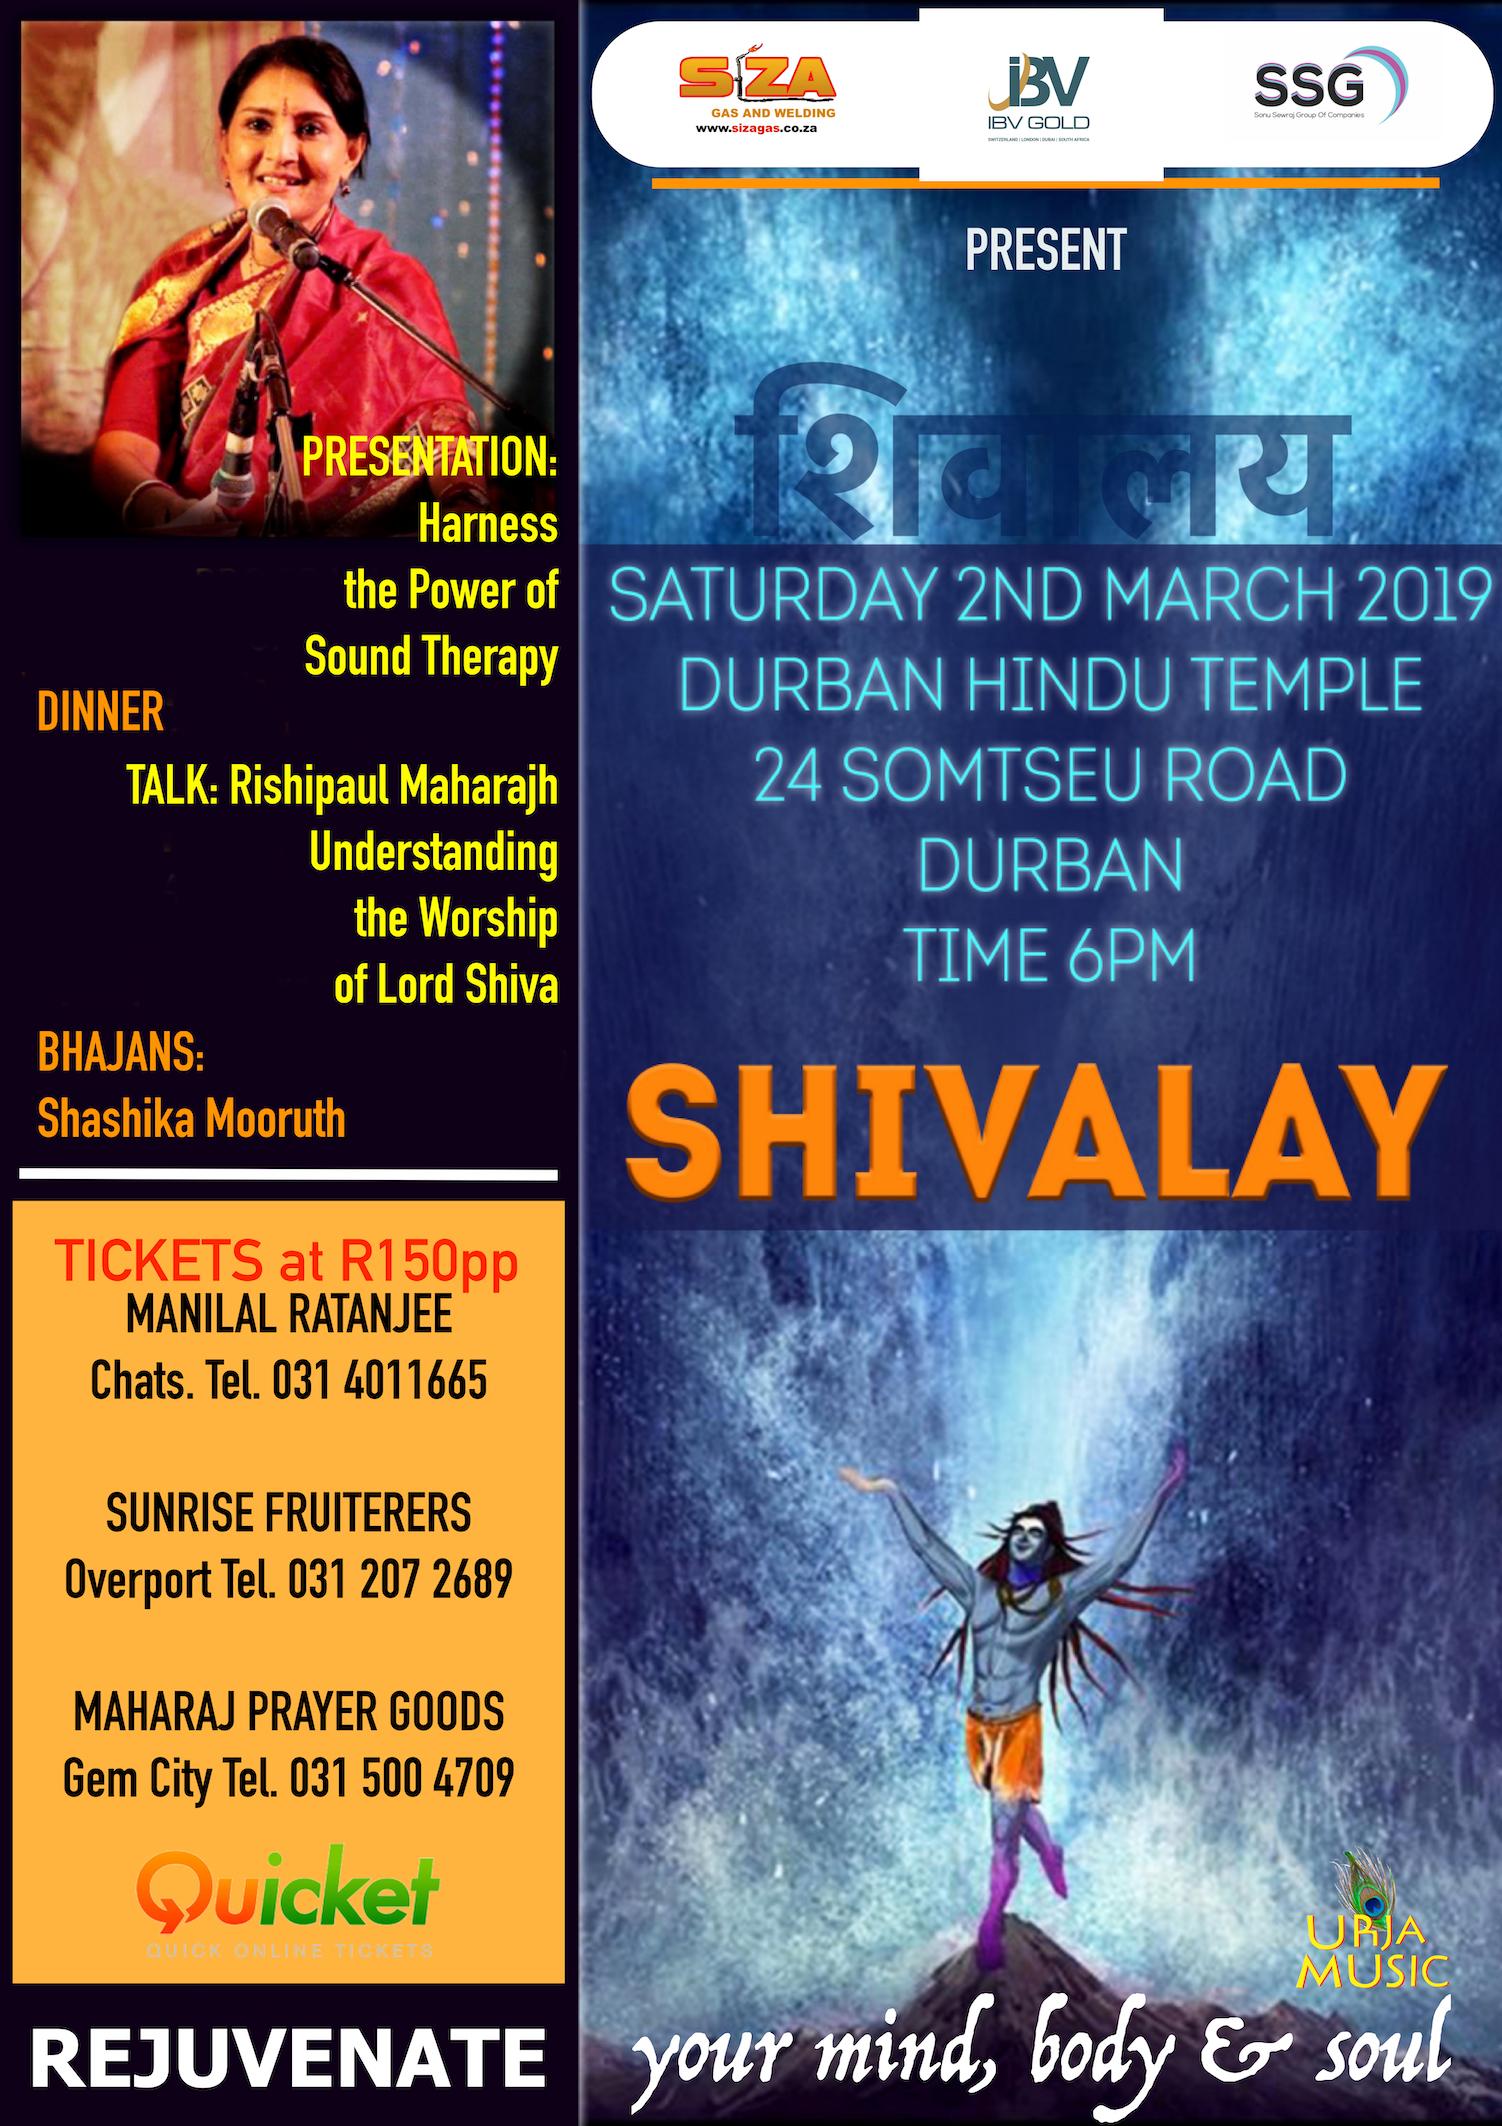 Shivalay